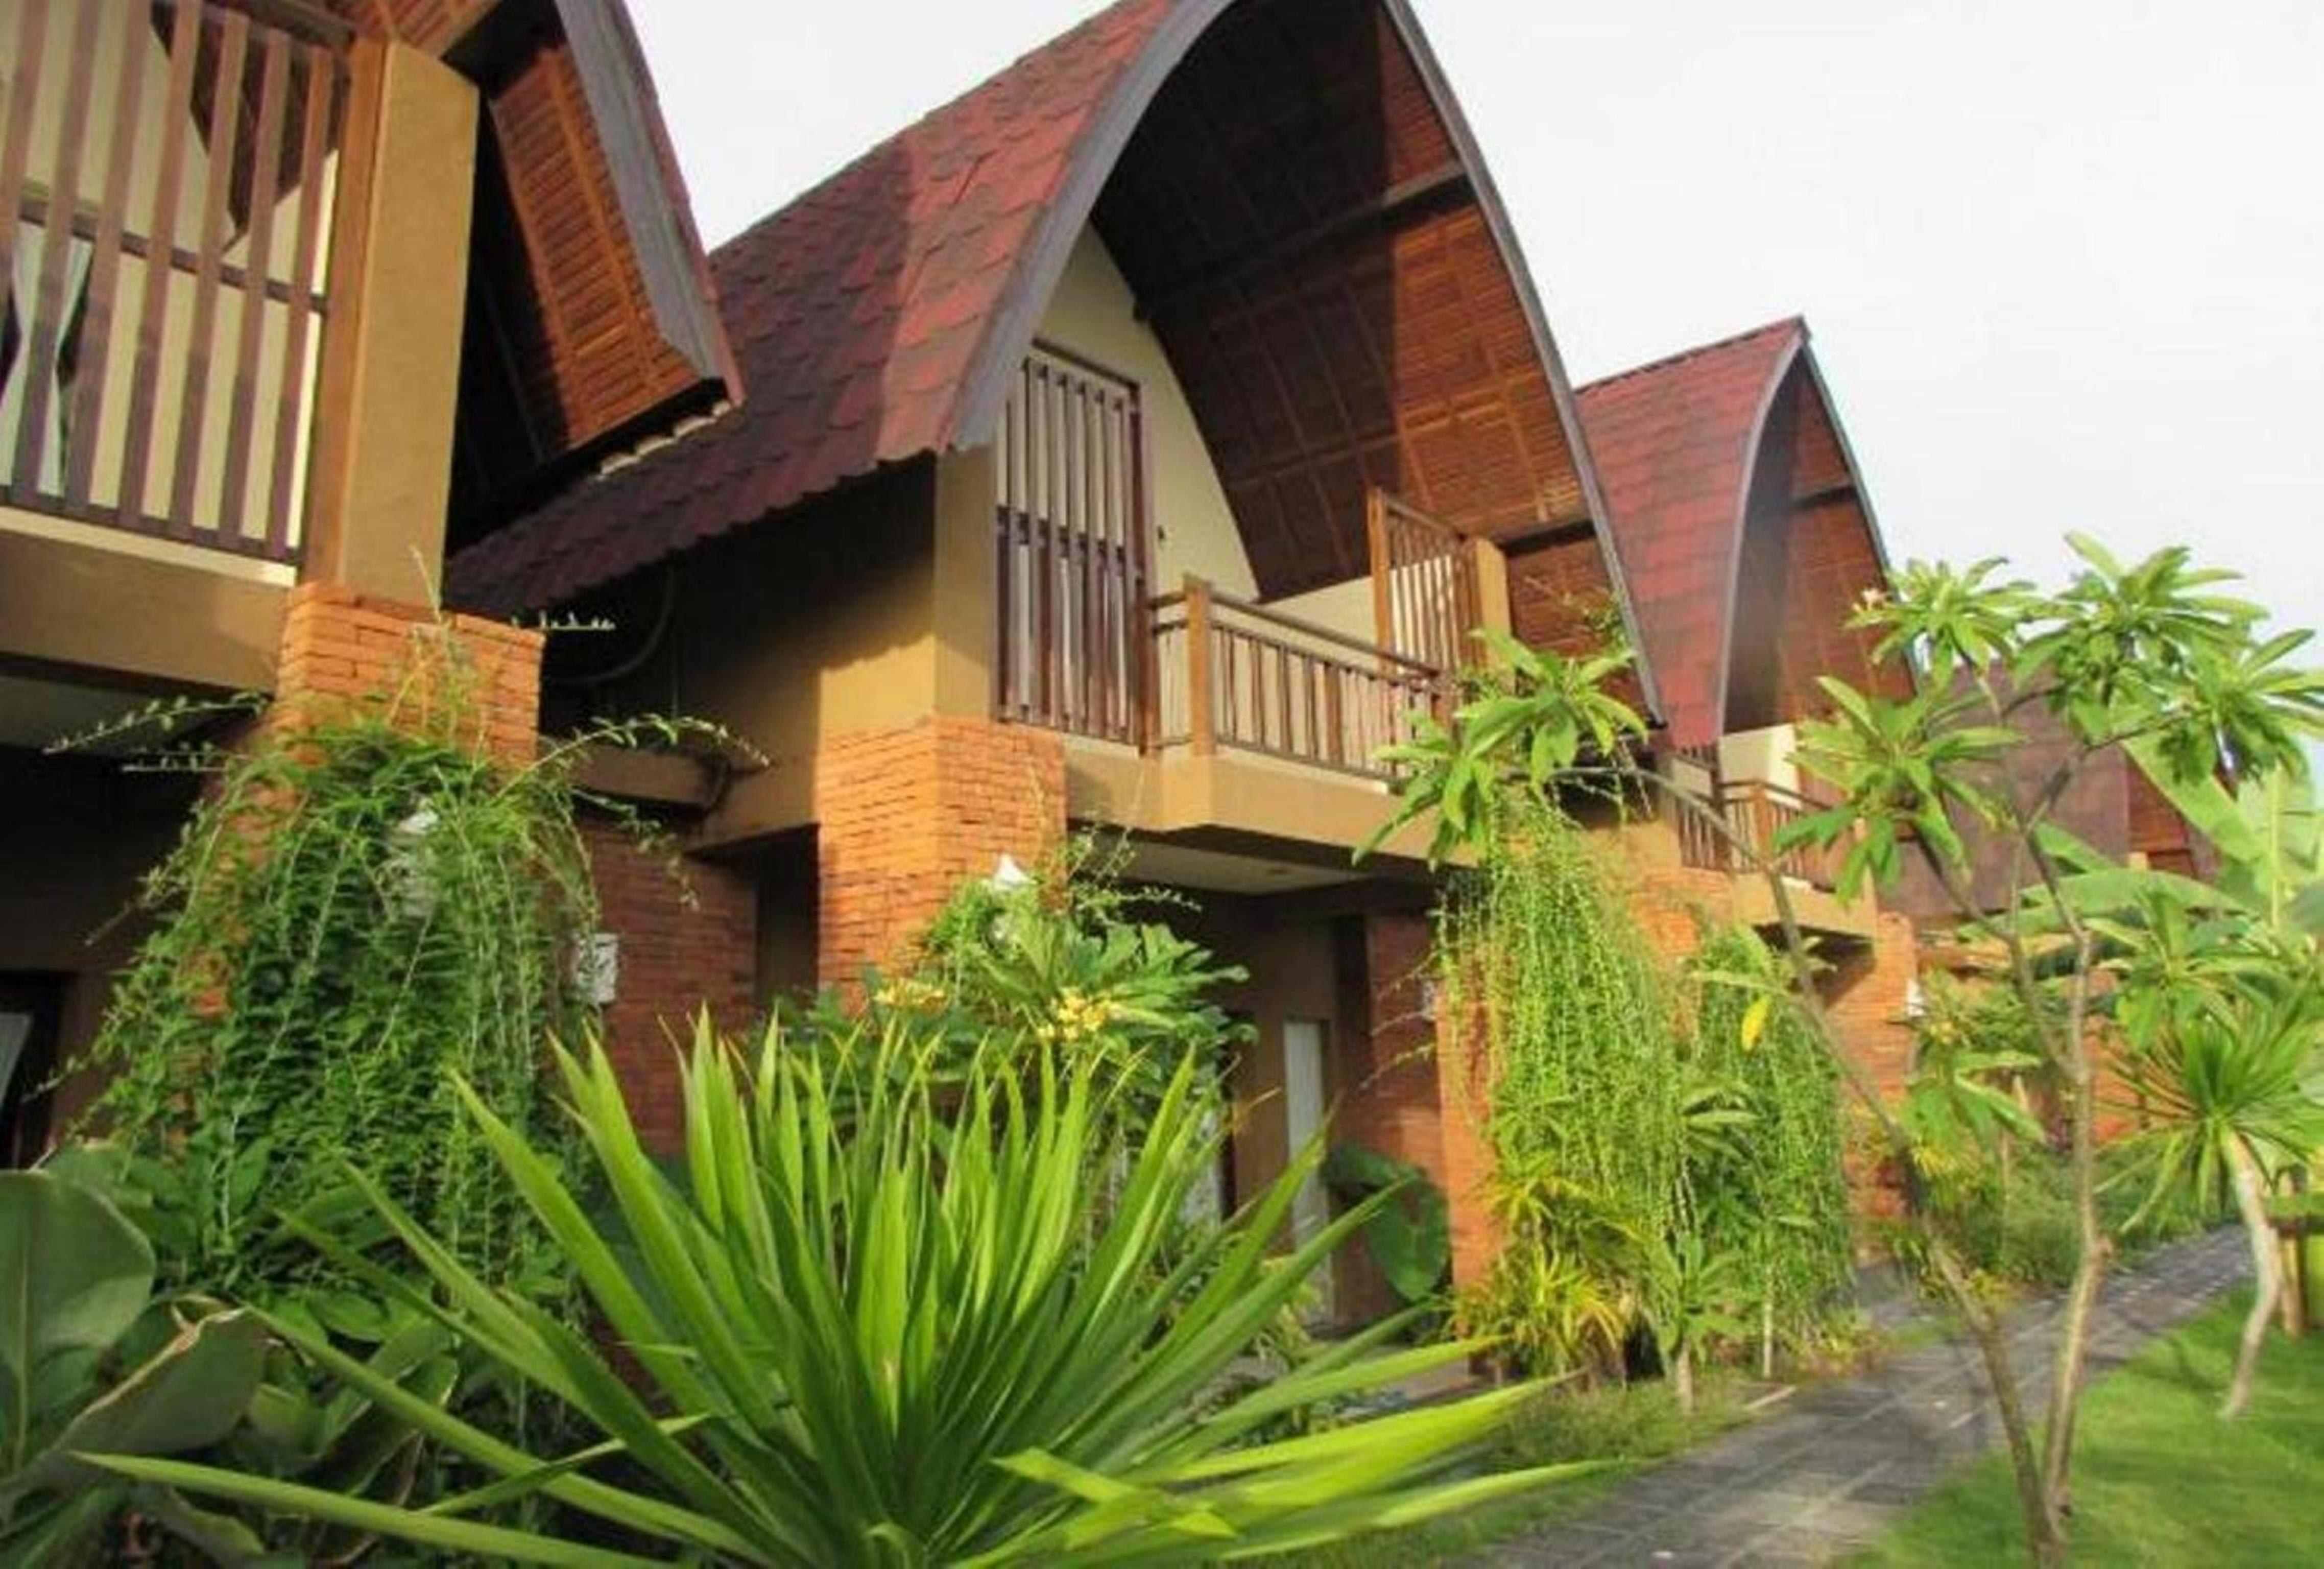 Sewa 1 Br Deluxe Room With Pool View The Janan Villa Sanur Hotel Di Duo Legian Kuta